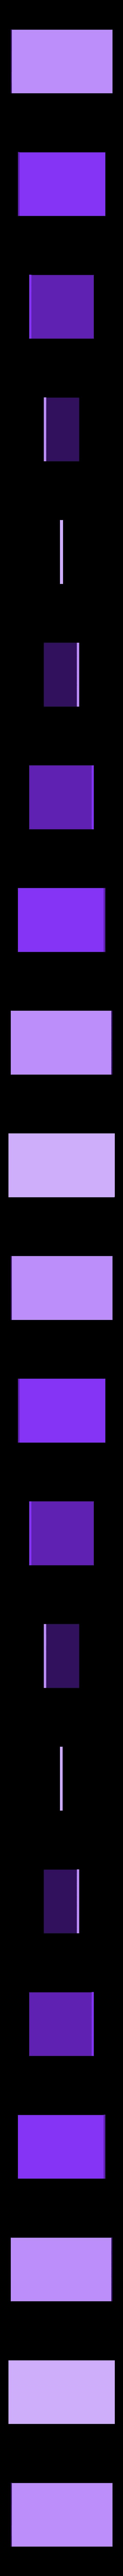 window_blank1.stl Télécharger fichier STL gratuit Ripper's London - The (Modular) Factory • Modèle pour imprimante 3D, Earsling